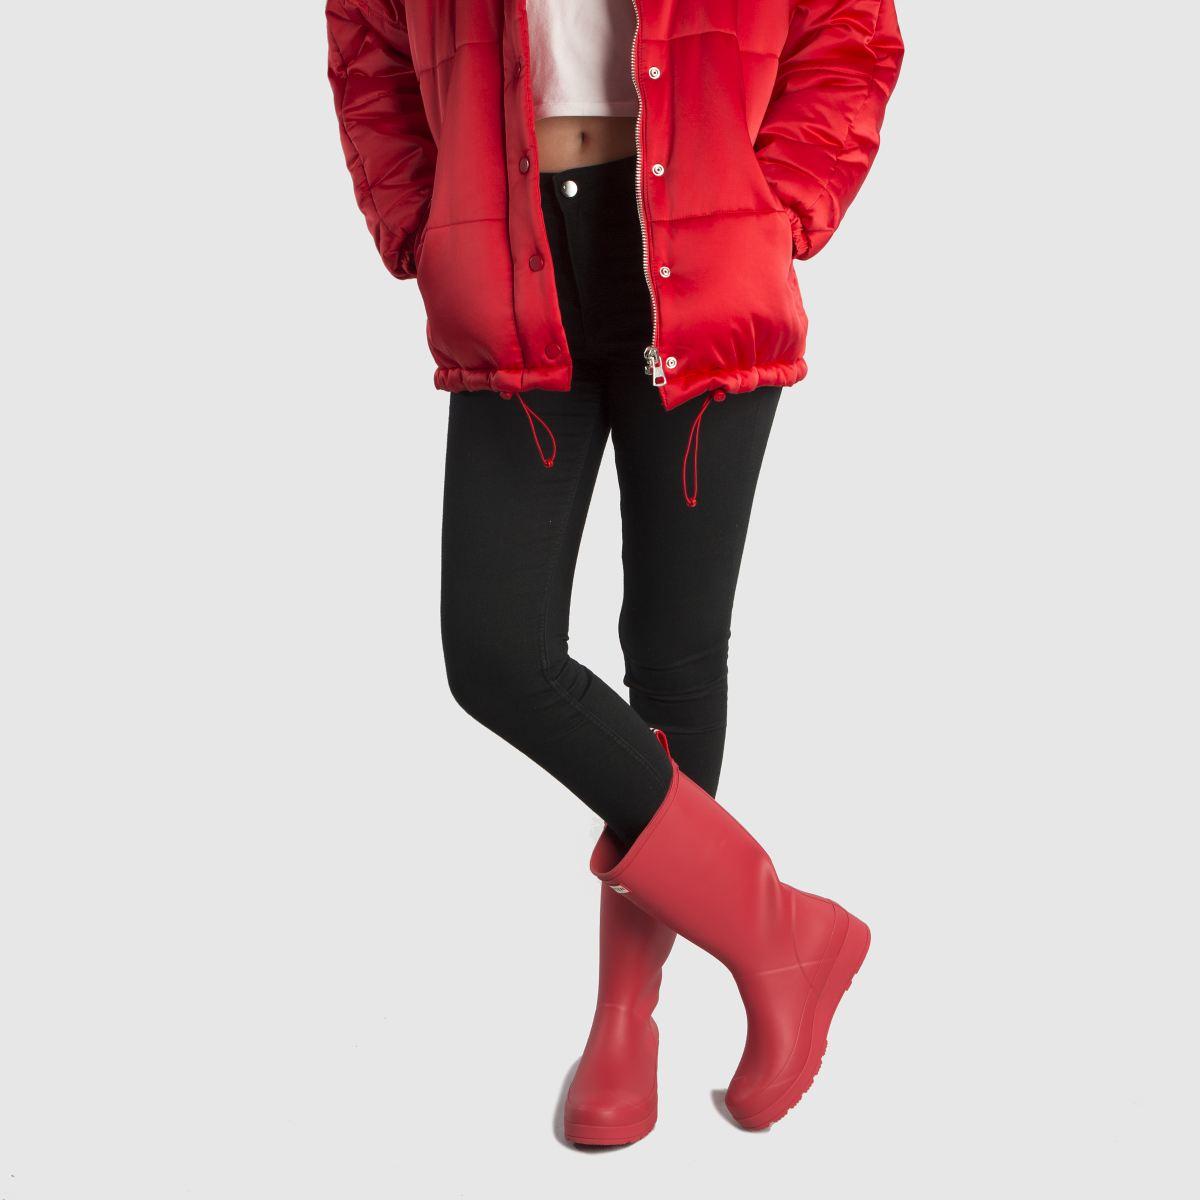 Damen Pink hunter Original Play Tall Boots | schuh Gute Qualität beliebte Schuhe